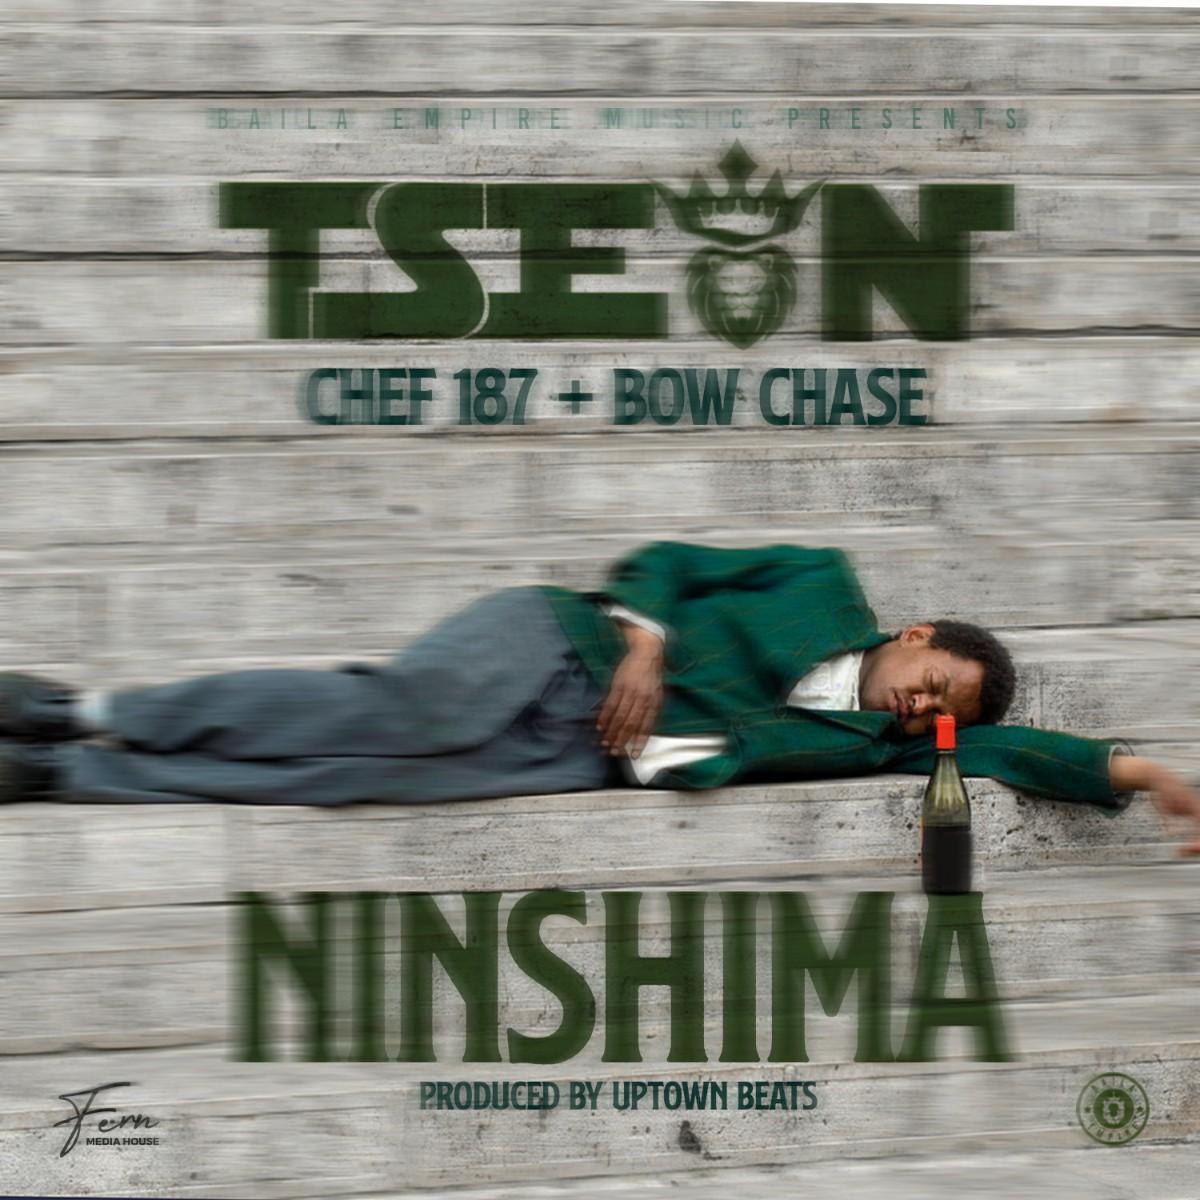 T-Sean ft. Chef 187 & Bow Chase - Ninshima